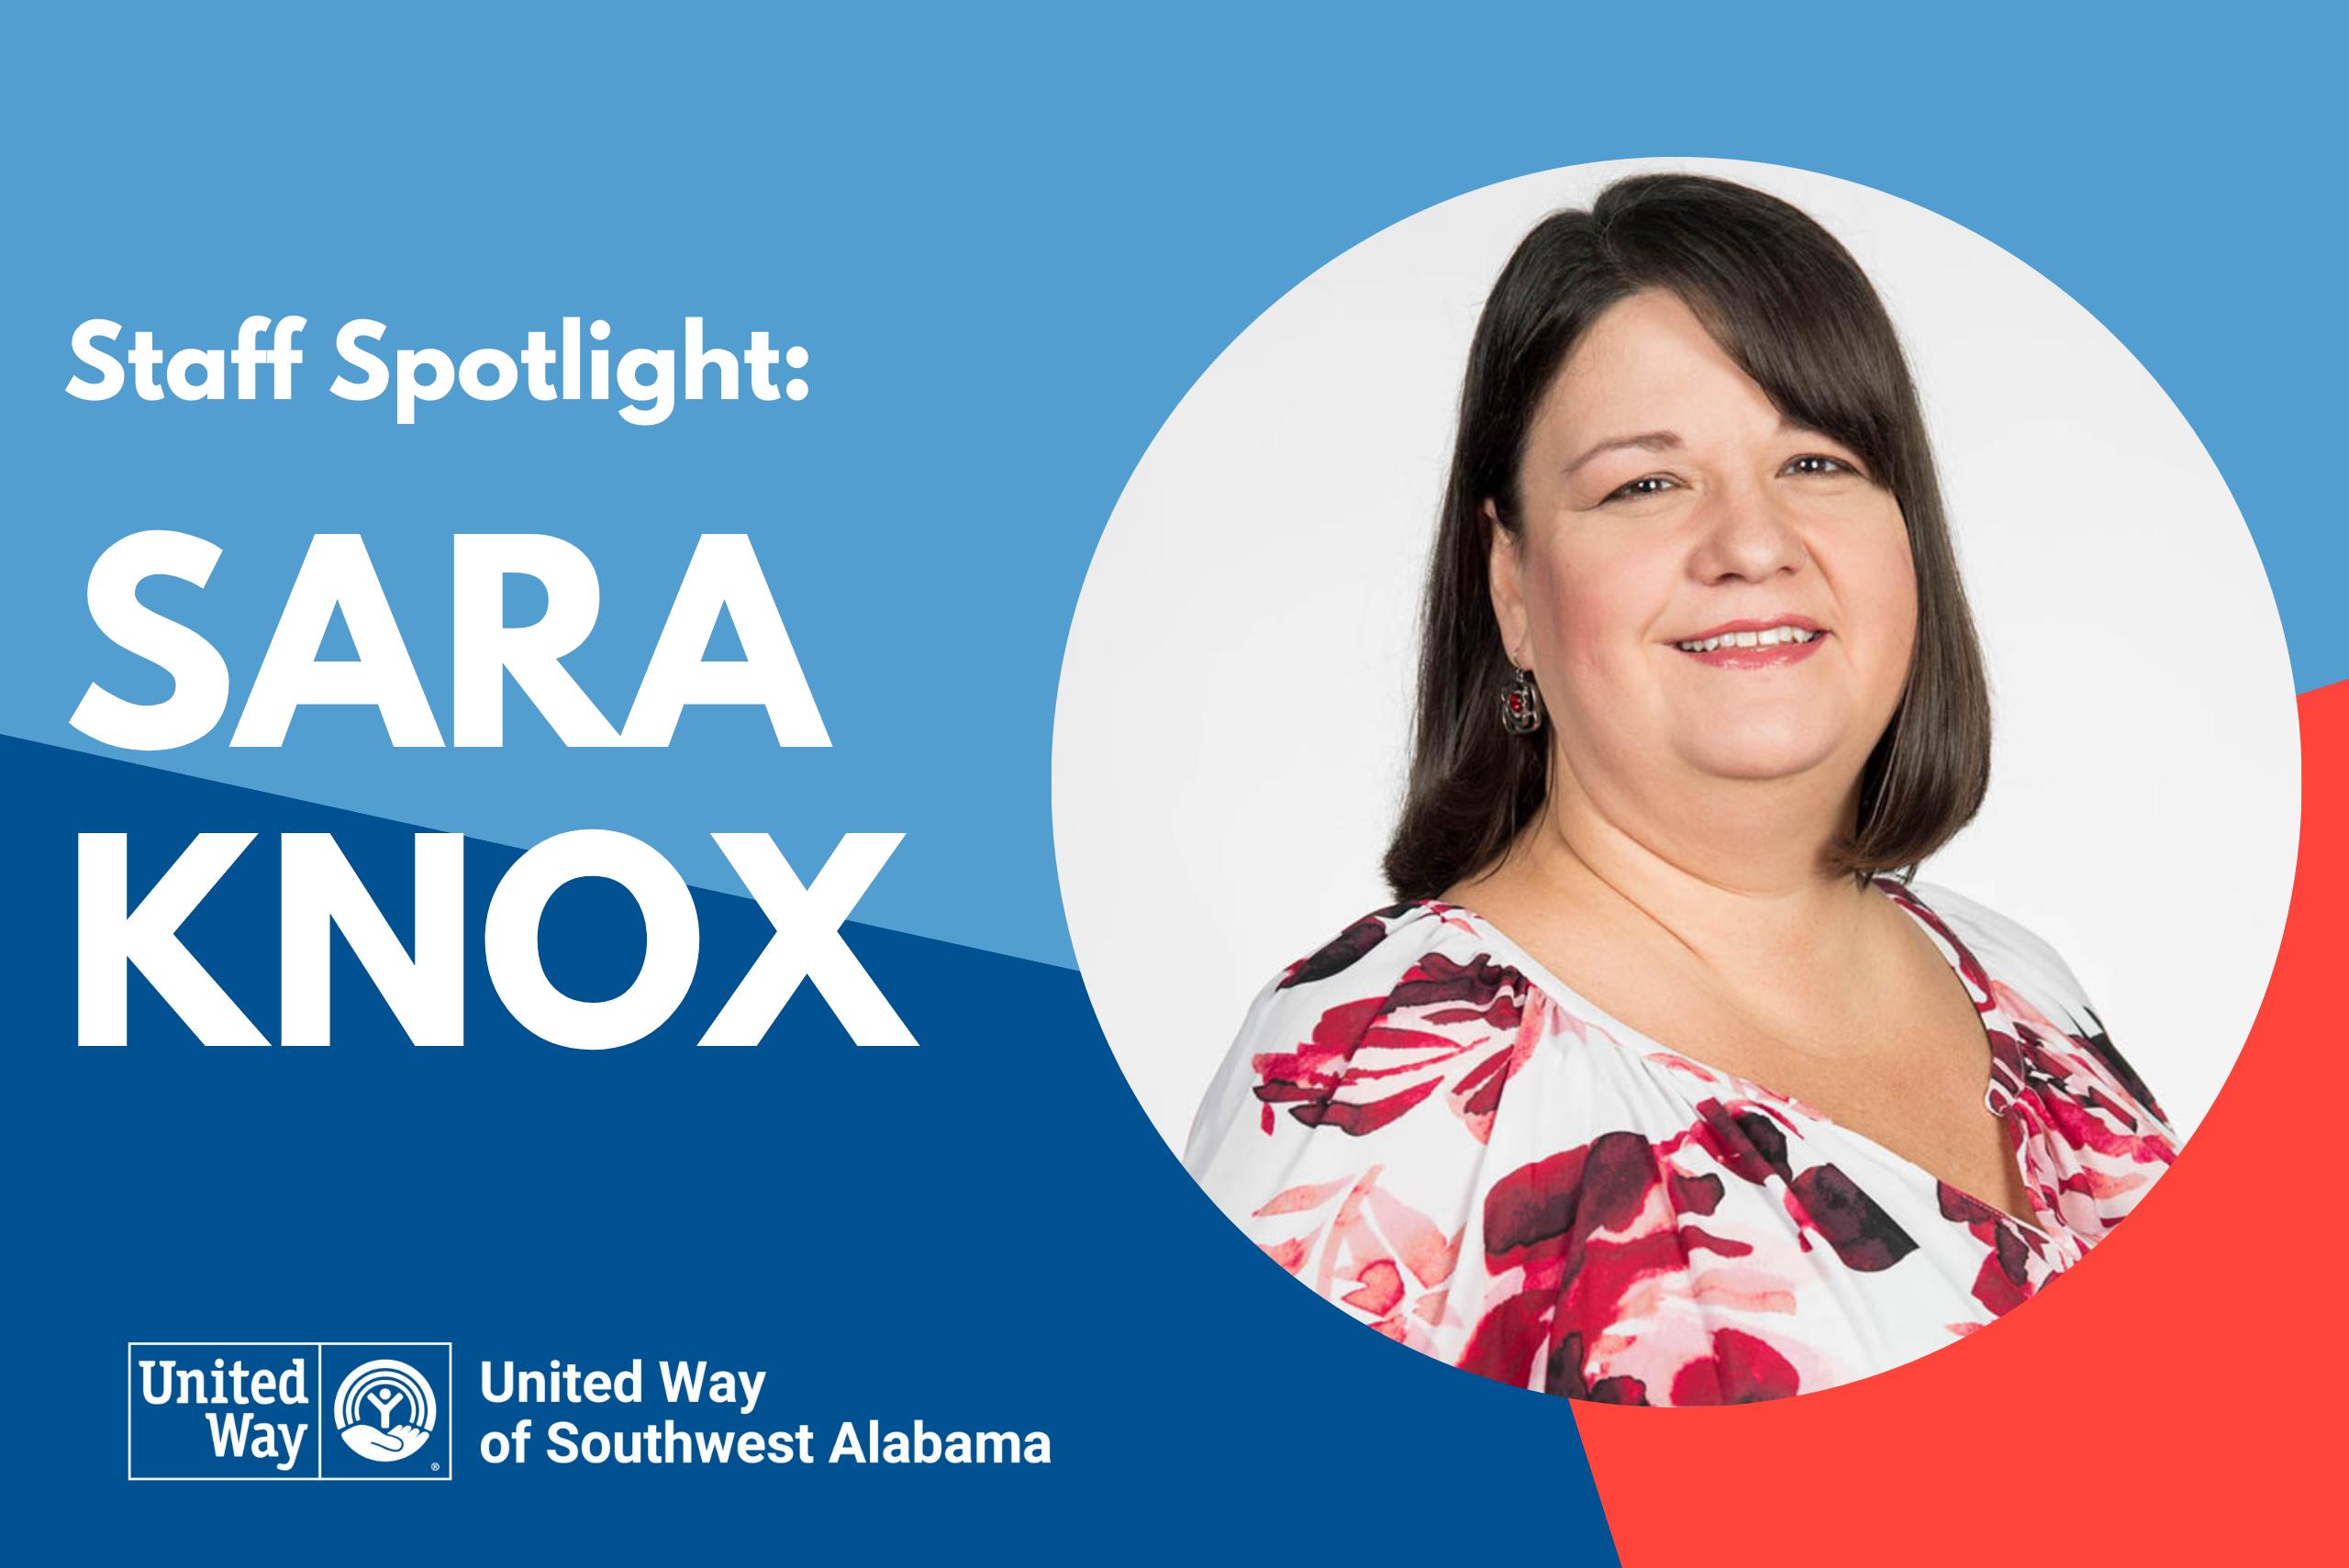 Sara Knox Spotlight